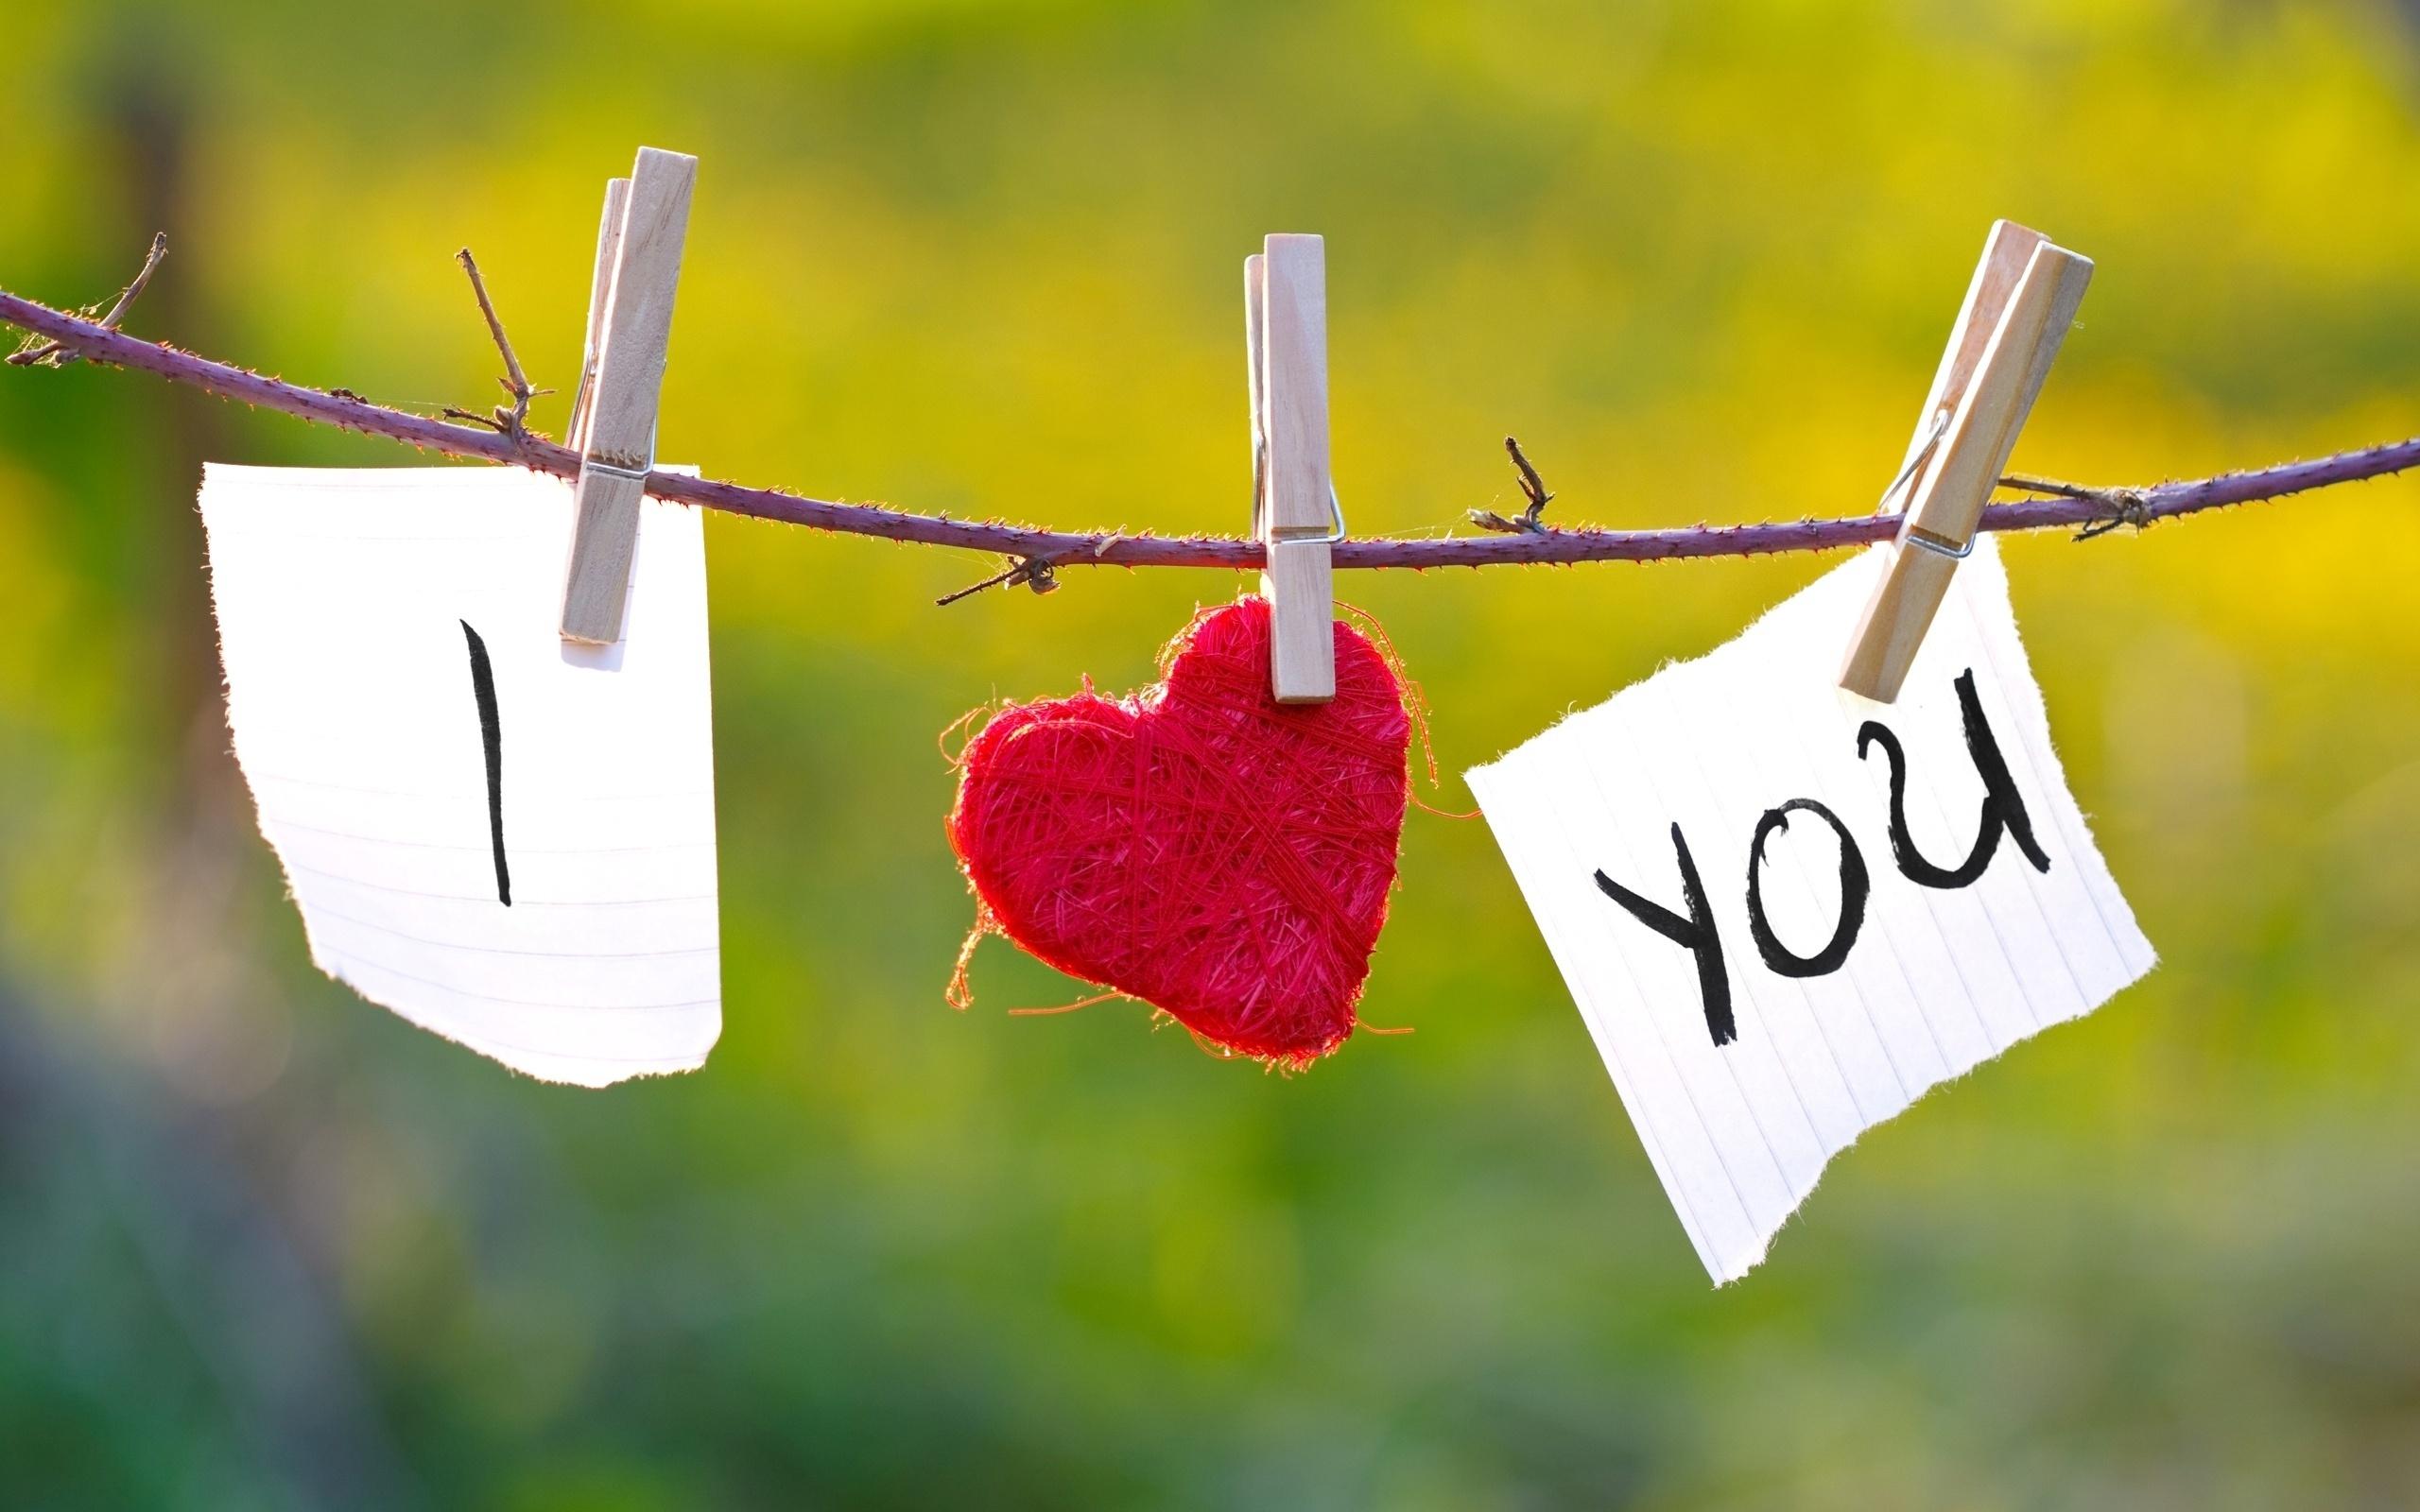 بالصور خلفيات عن الحب , خلفيات رومانسية لم ترها من قبل 3396 11